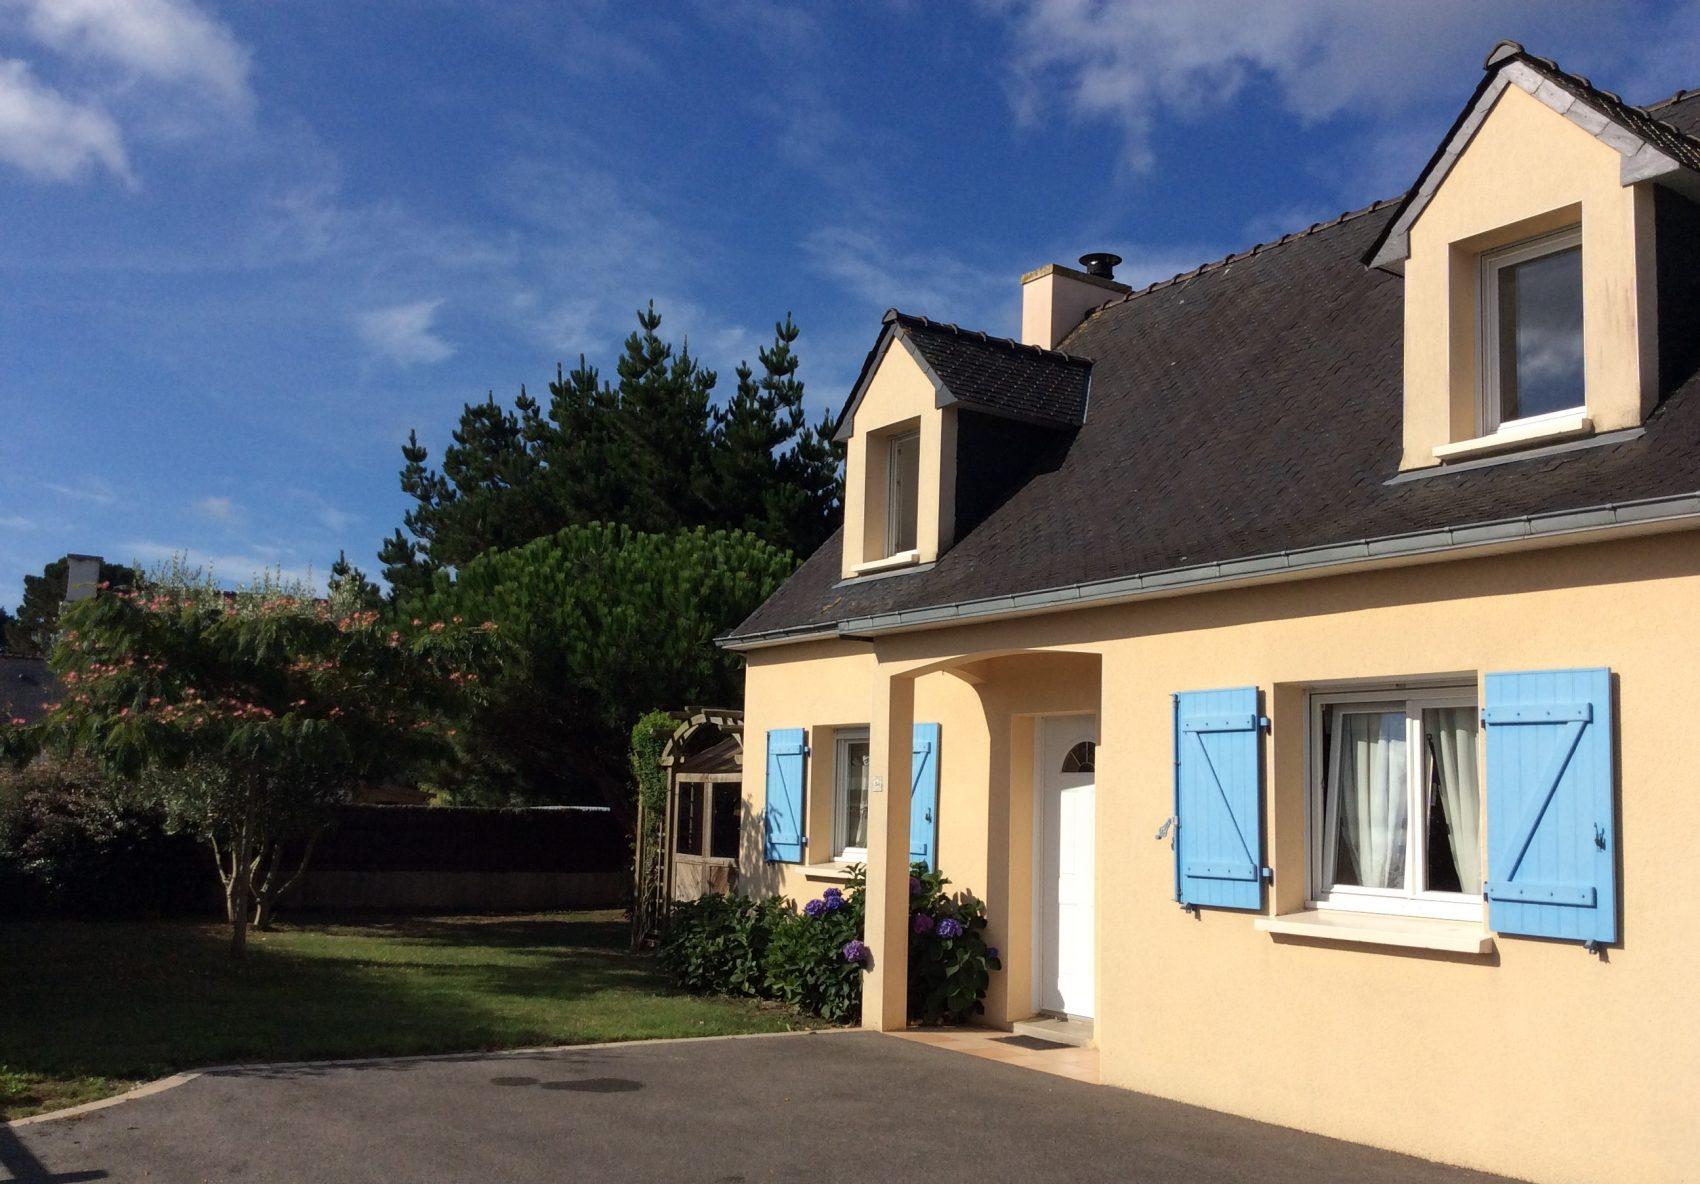 La villa saint cado location de villas avec piscine - Villa bretagne piscine interieure ...